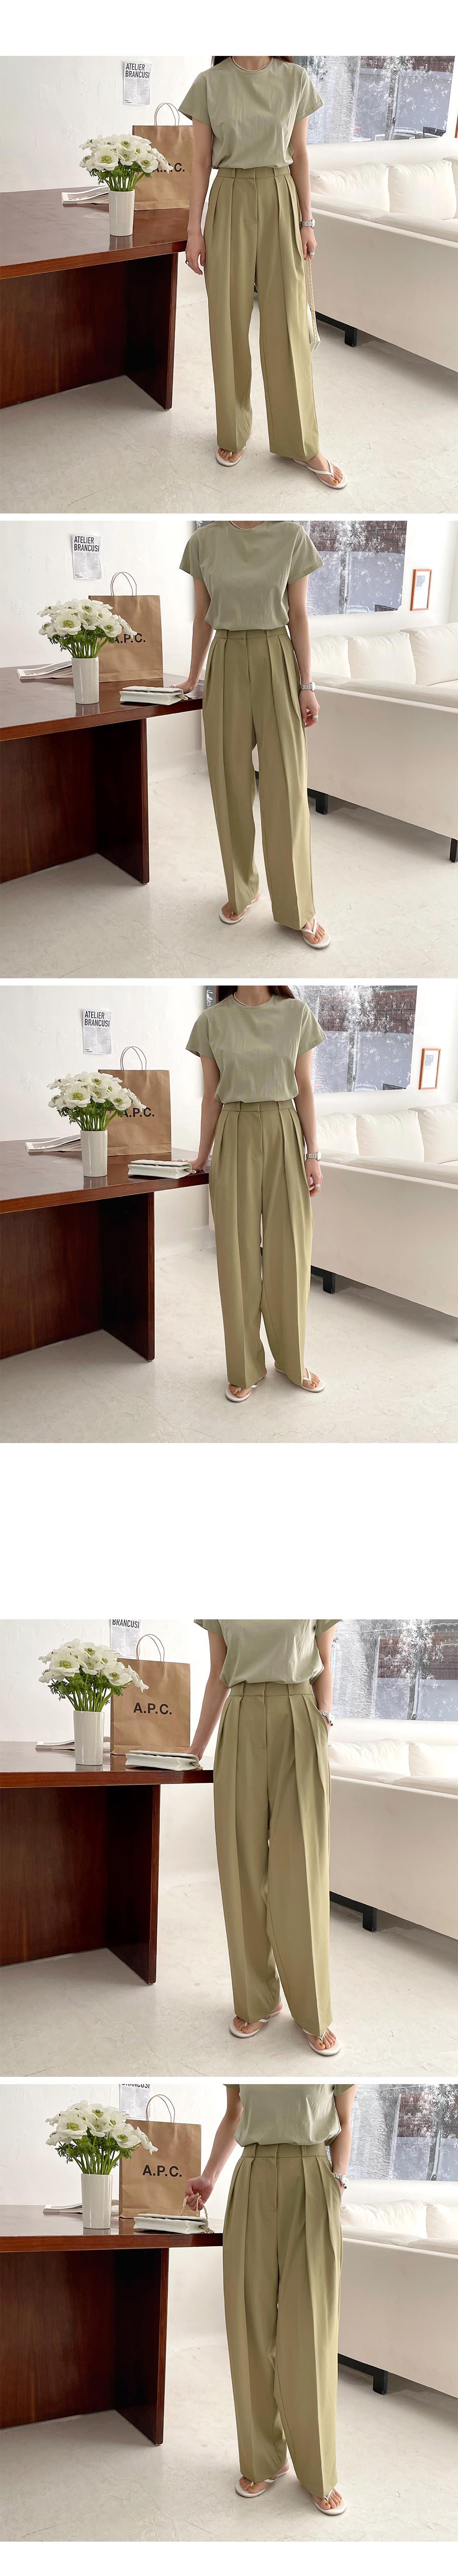 H886154b0a55048c68c7526a9a87814d3X - Summer Korean High Waist Loose Folds Wide Leg Solid Suit Pants